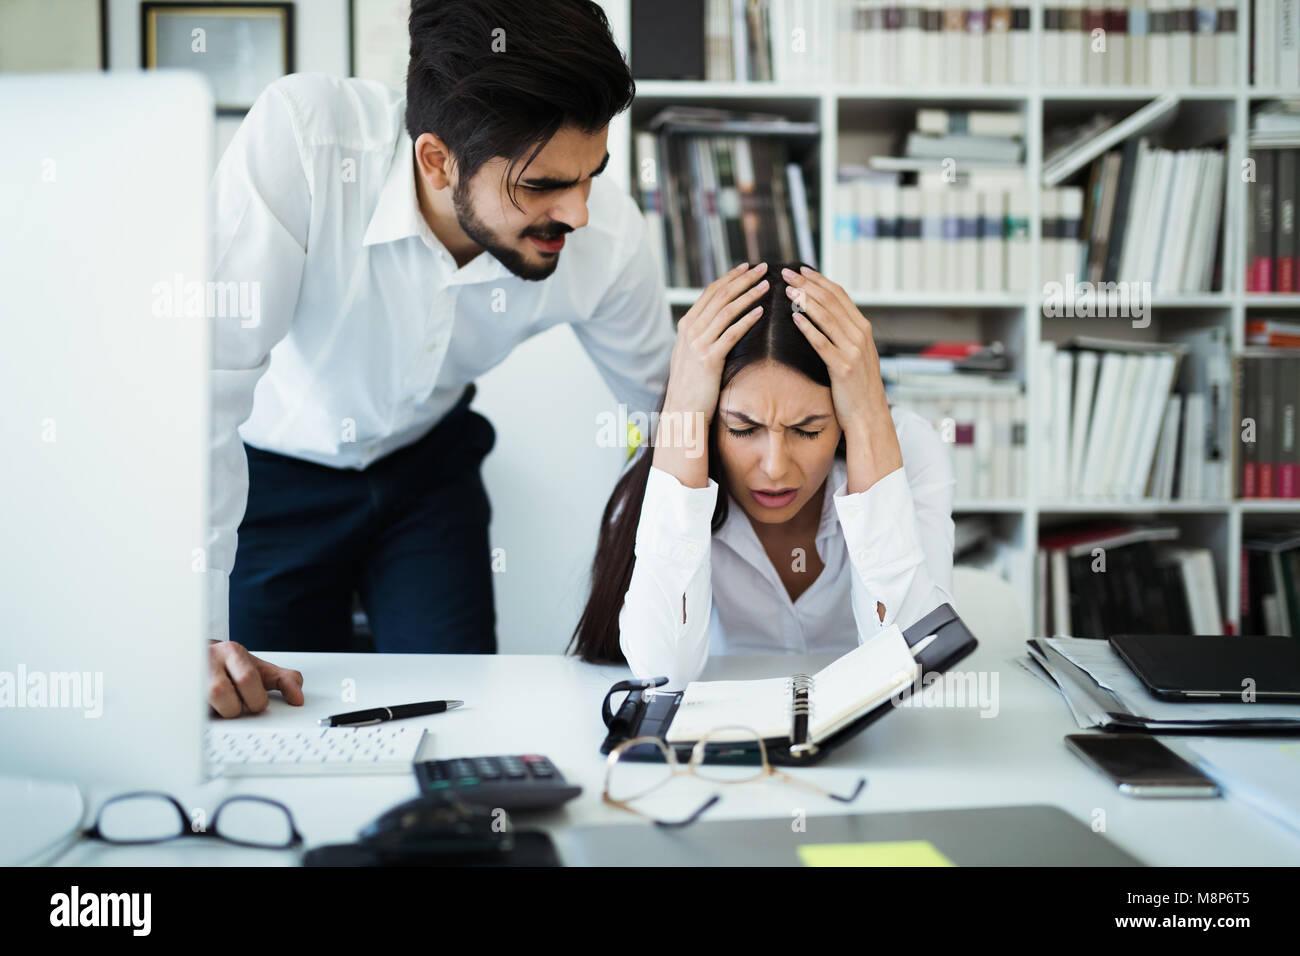 Arrabbiato irritato boss riprovazione dipendente ha paura di essere sparato, accusando di errore nella relazione, Immagini Stock